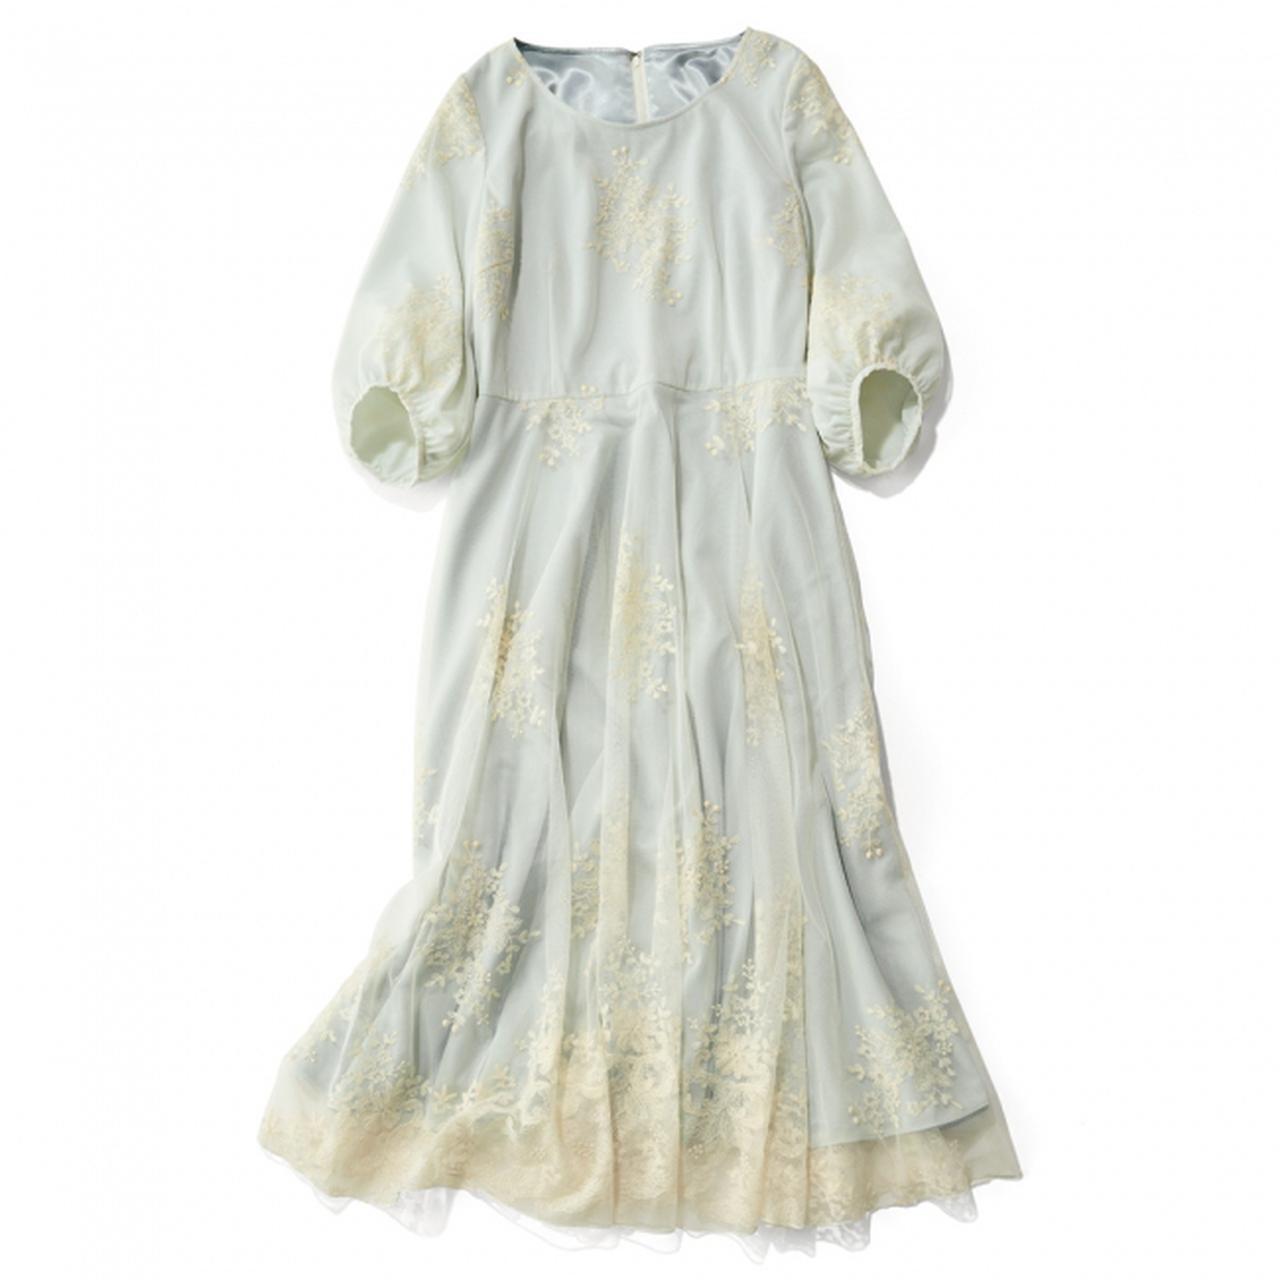 画像11: ディノスのファッションブランド『So close, (ソー クロース,) 』より、2020夏コレクションが新発売